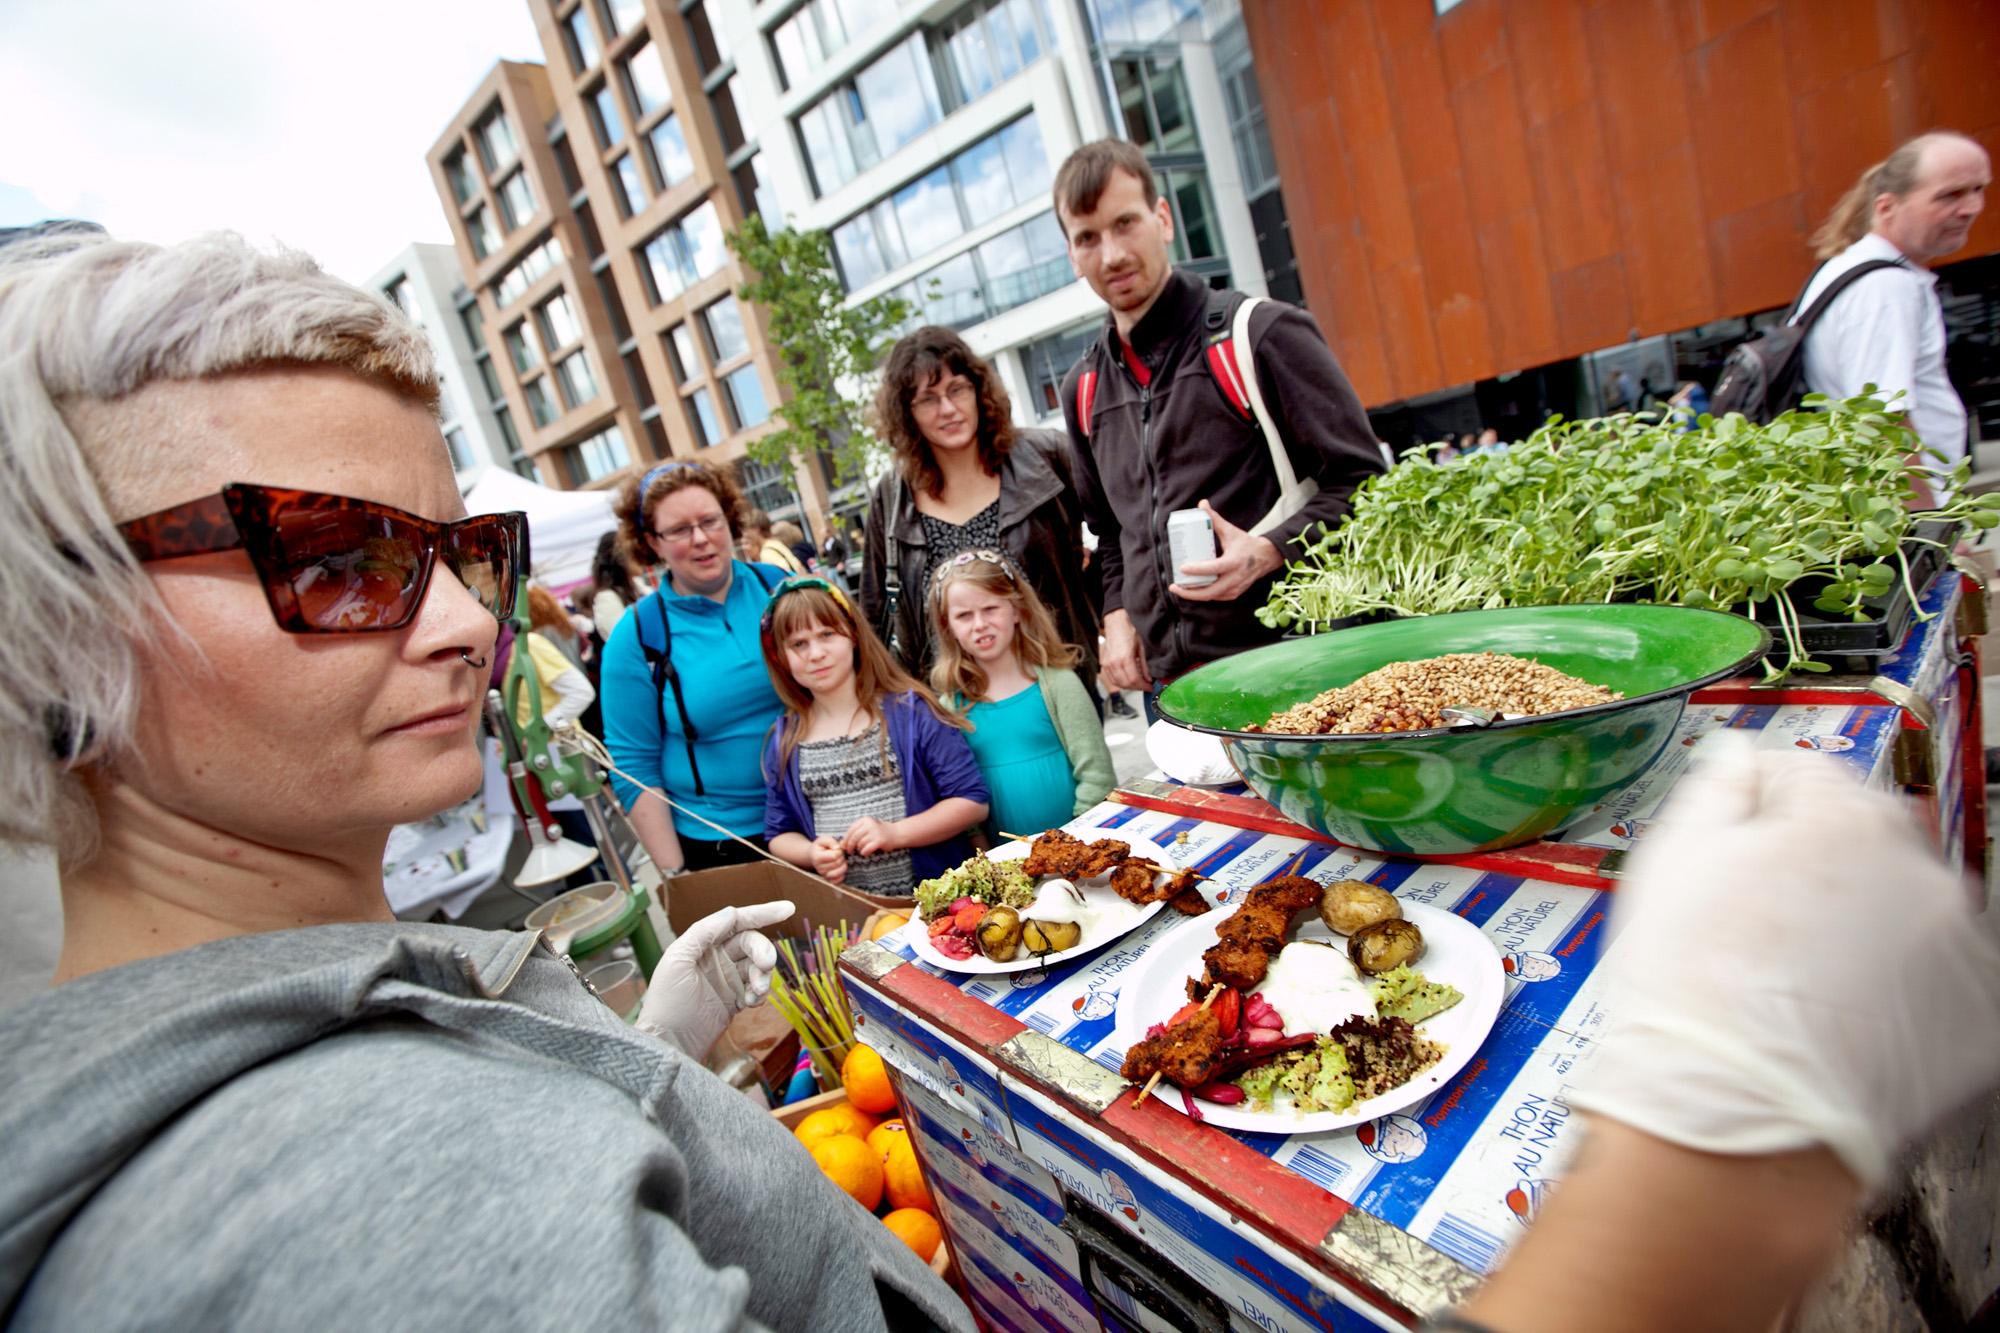 Hannas Grillbod var en stor suksess på sidste års festival. Foto: Nyebilder.no